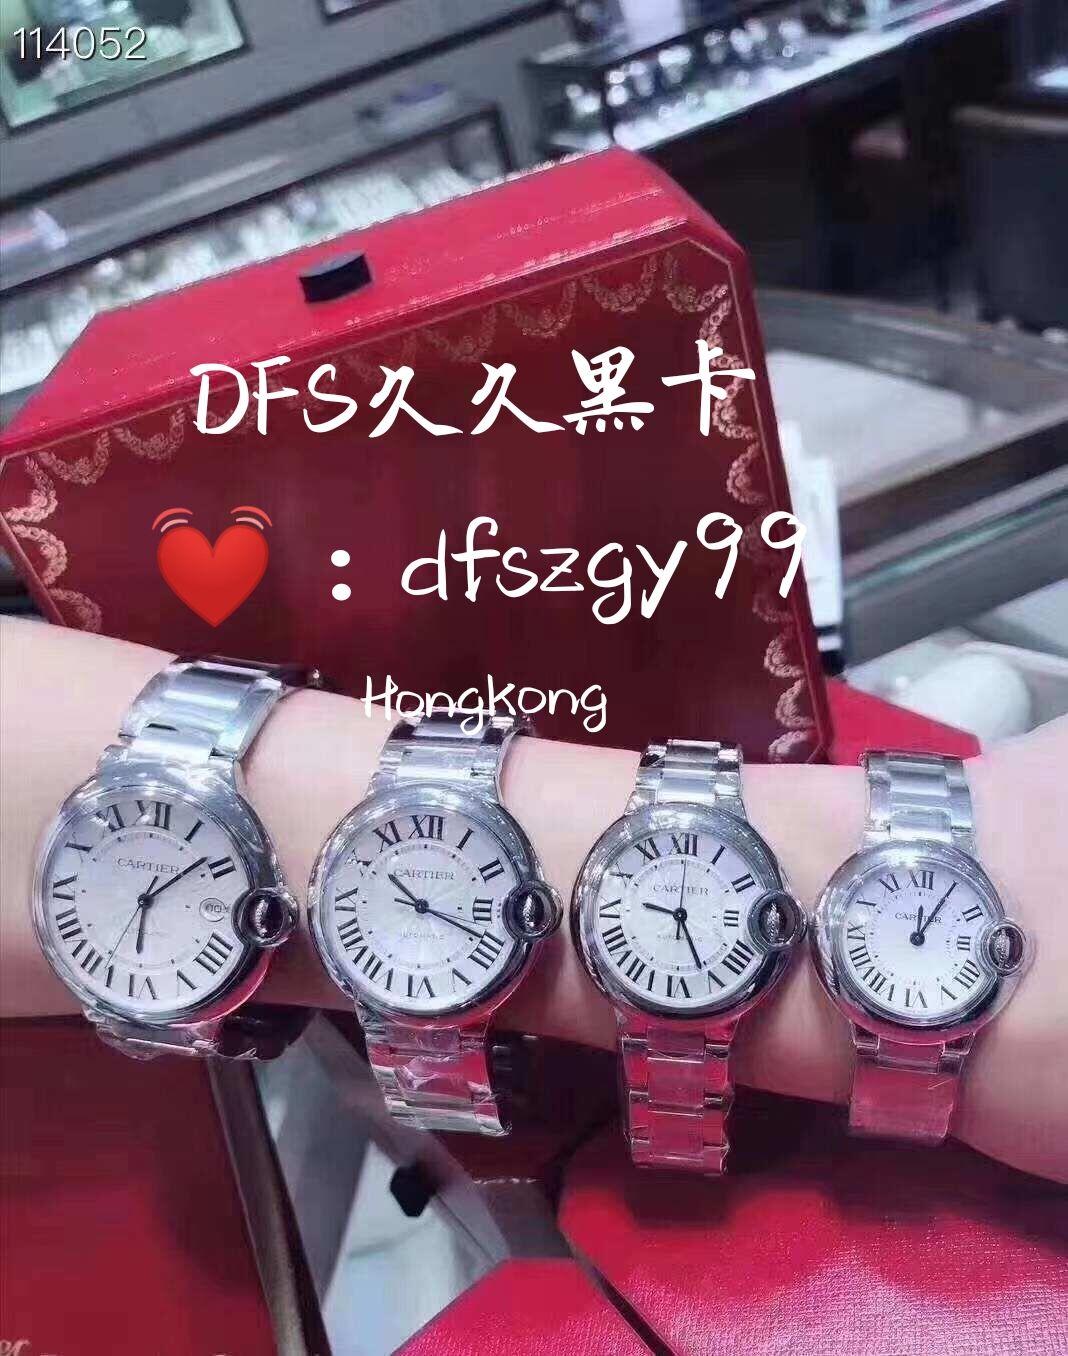 香港dfs返现黑卡返点黑卡折扣黑卡10月13日最新优惠